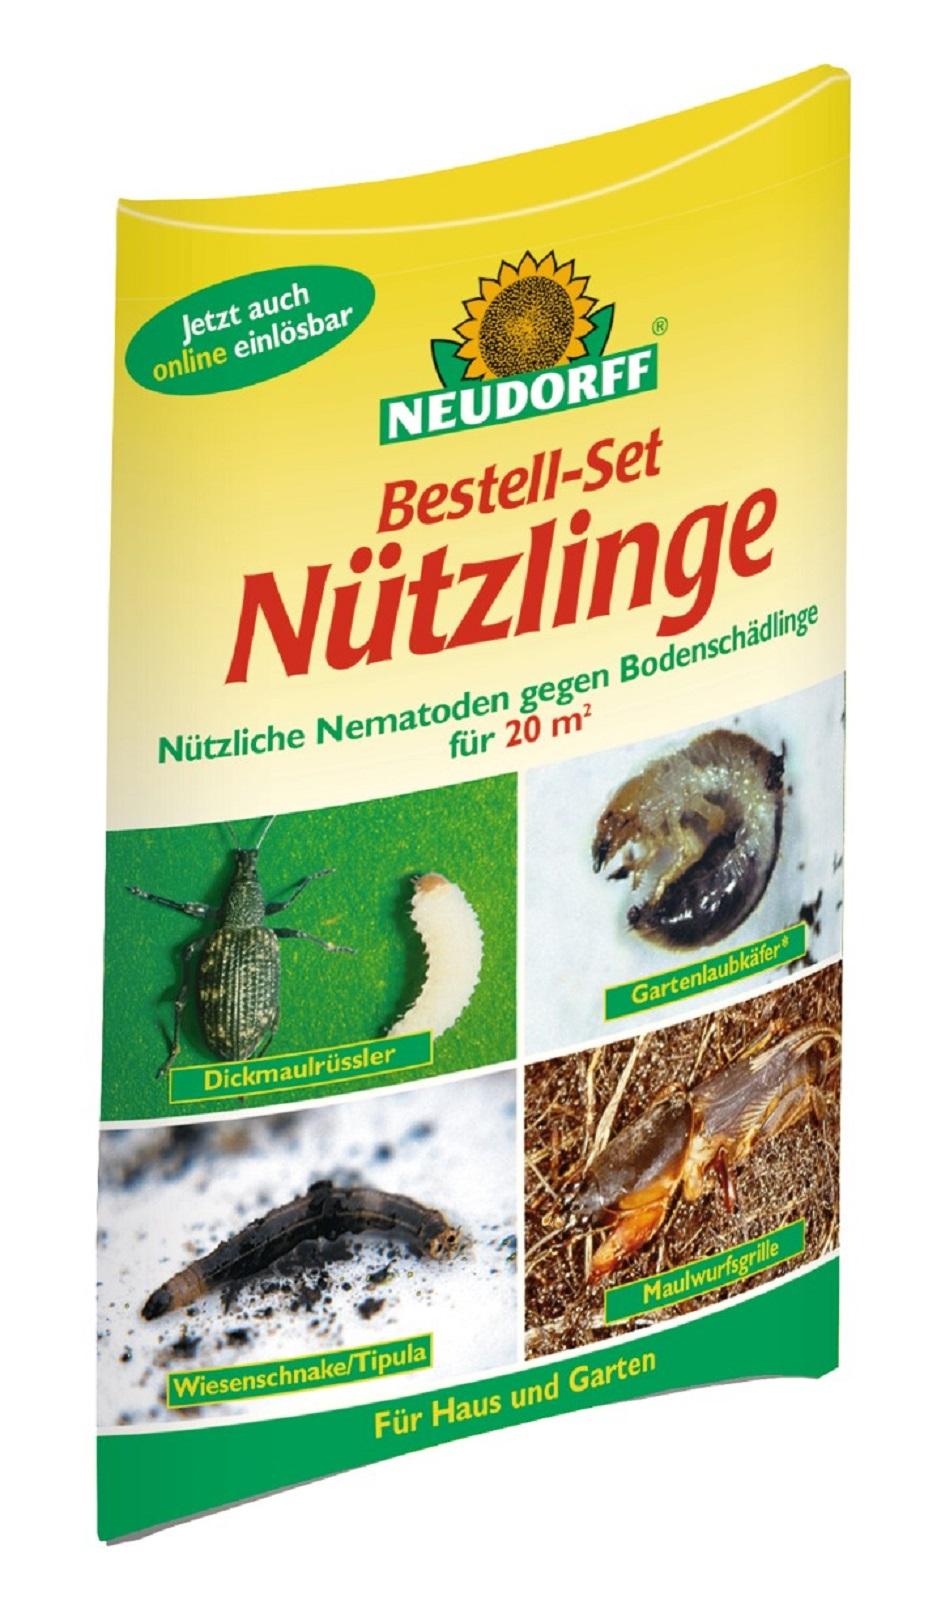 Bestellset Nützlinge gegen Bodenschädlinge von Neudorff 20qm